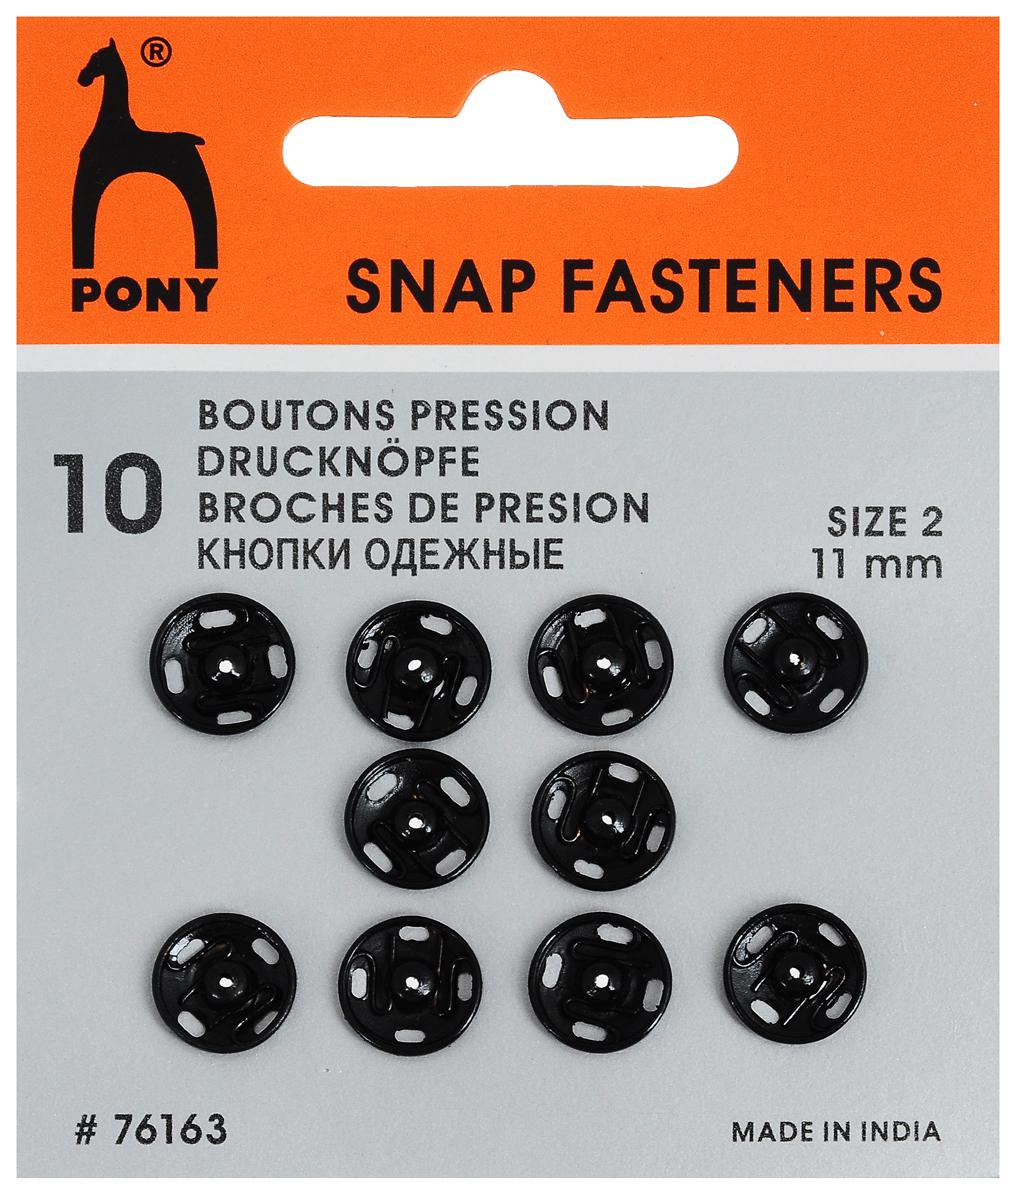 Кнопка одежная Pony, цвет: черный, 10 шт76163Одежные кнопки Pony изготовлены из стали. Диаметр кнопки 11 мм. В комплект входят 10 кнопок одинакового размера.